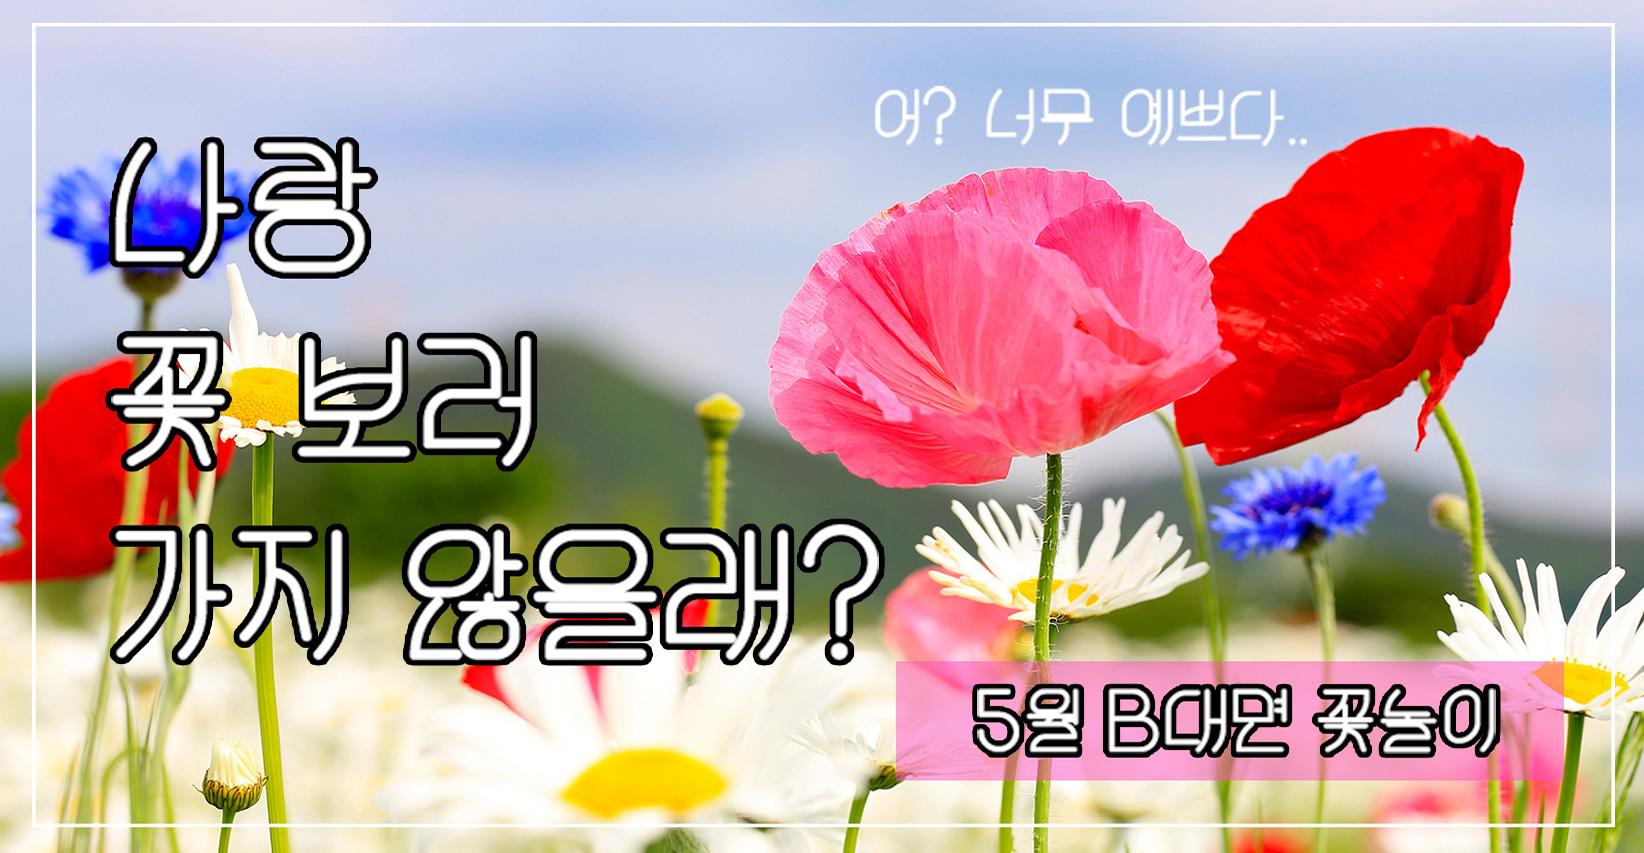 나랑 꽃 보러 가지 않을래? 5월 B대면 꽃놀이